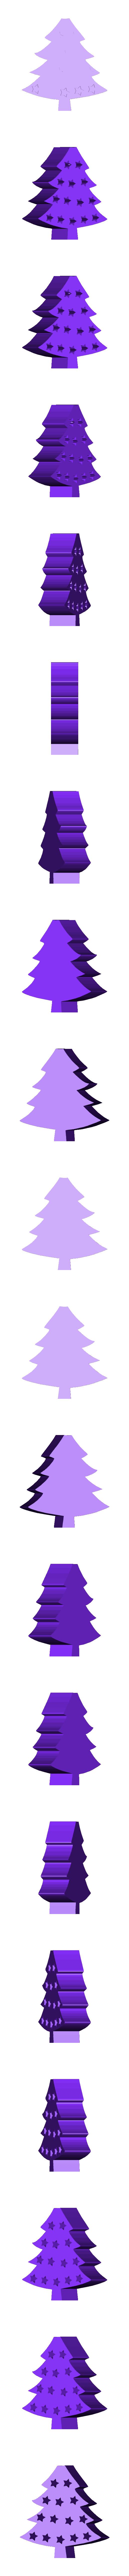 Tree.stl Télécharger fichier STL gratuit Noël en boîte • Design pour imprimante 3D, CheesmondN